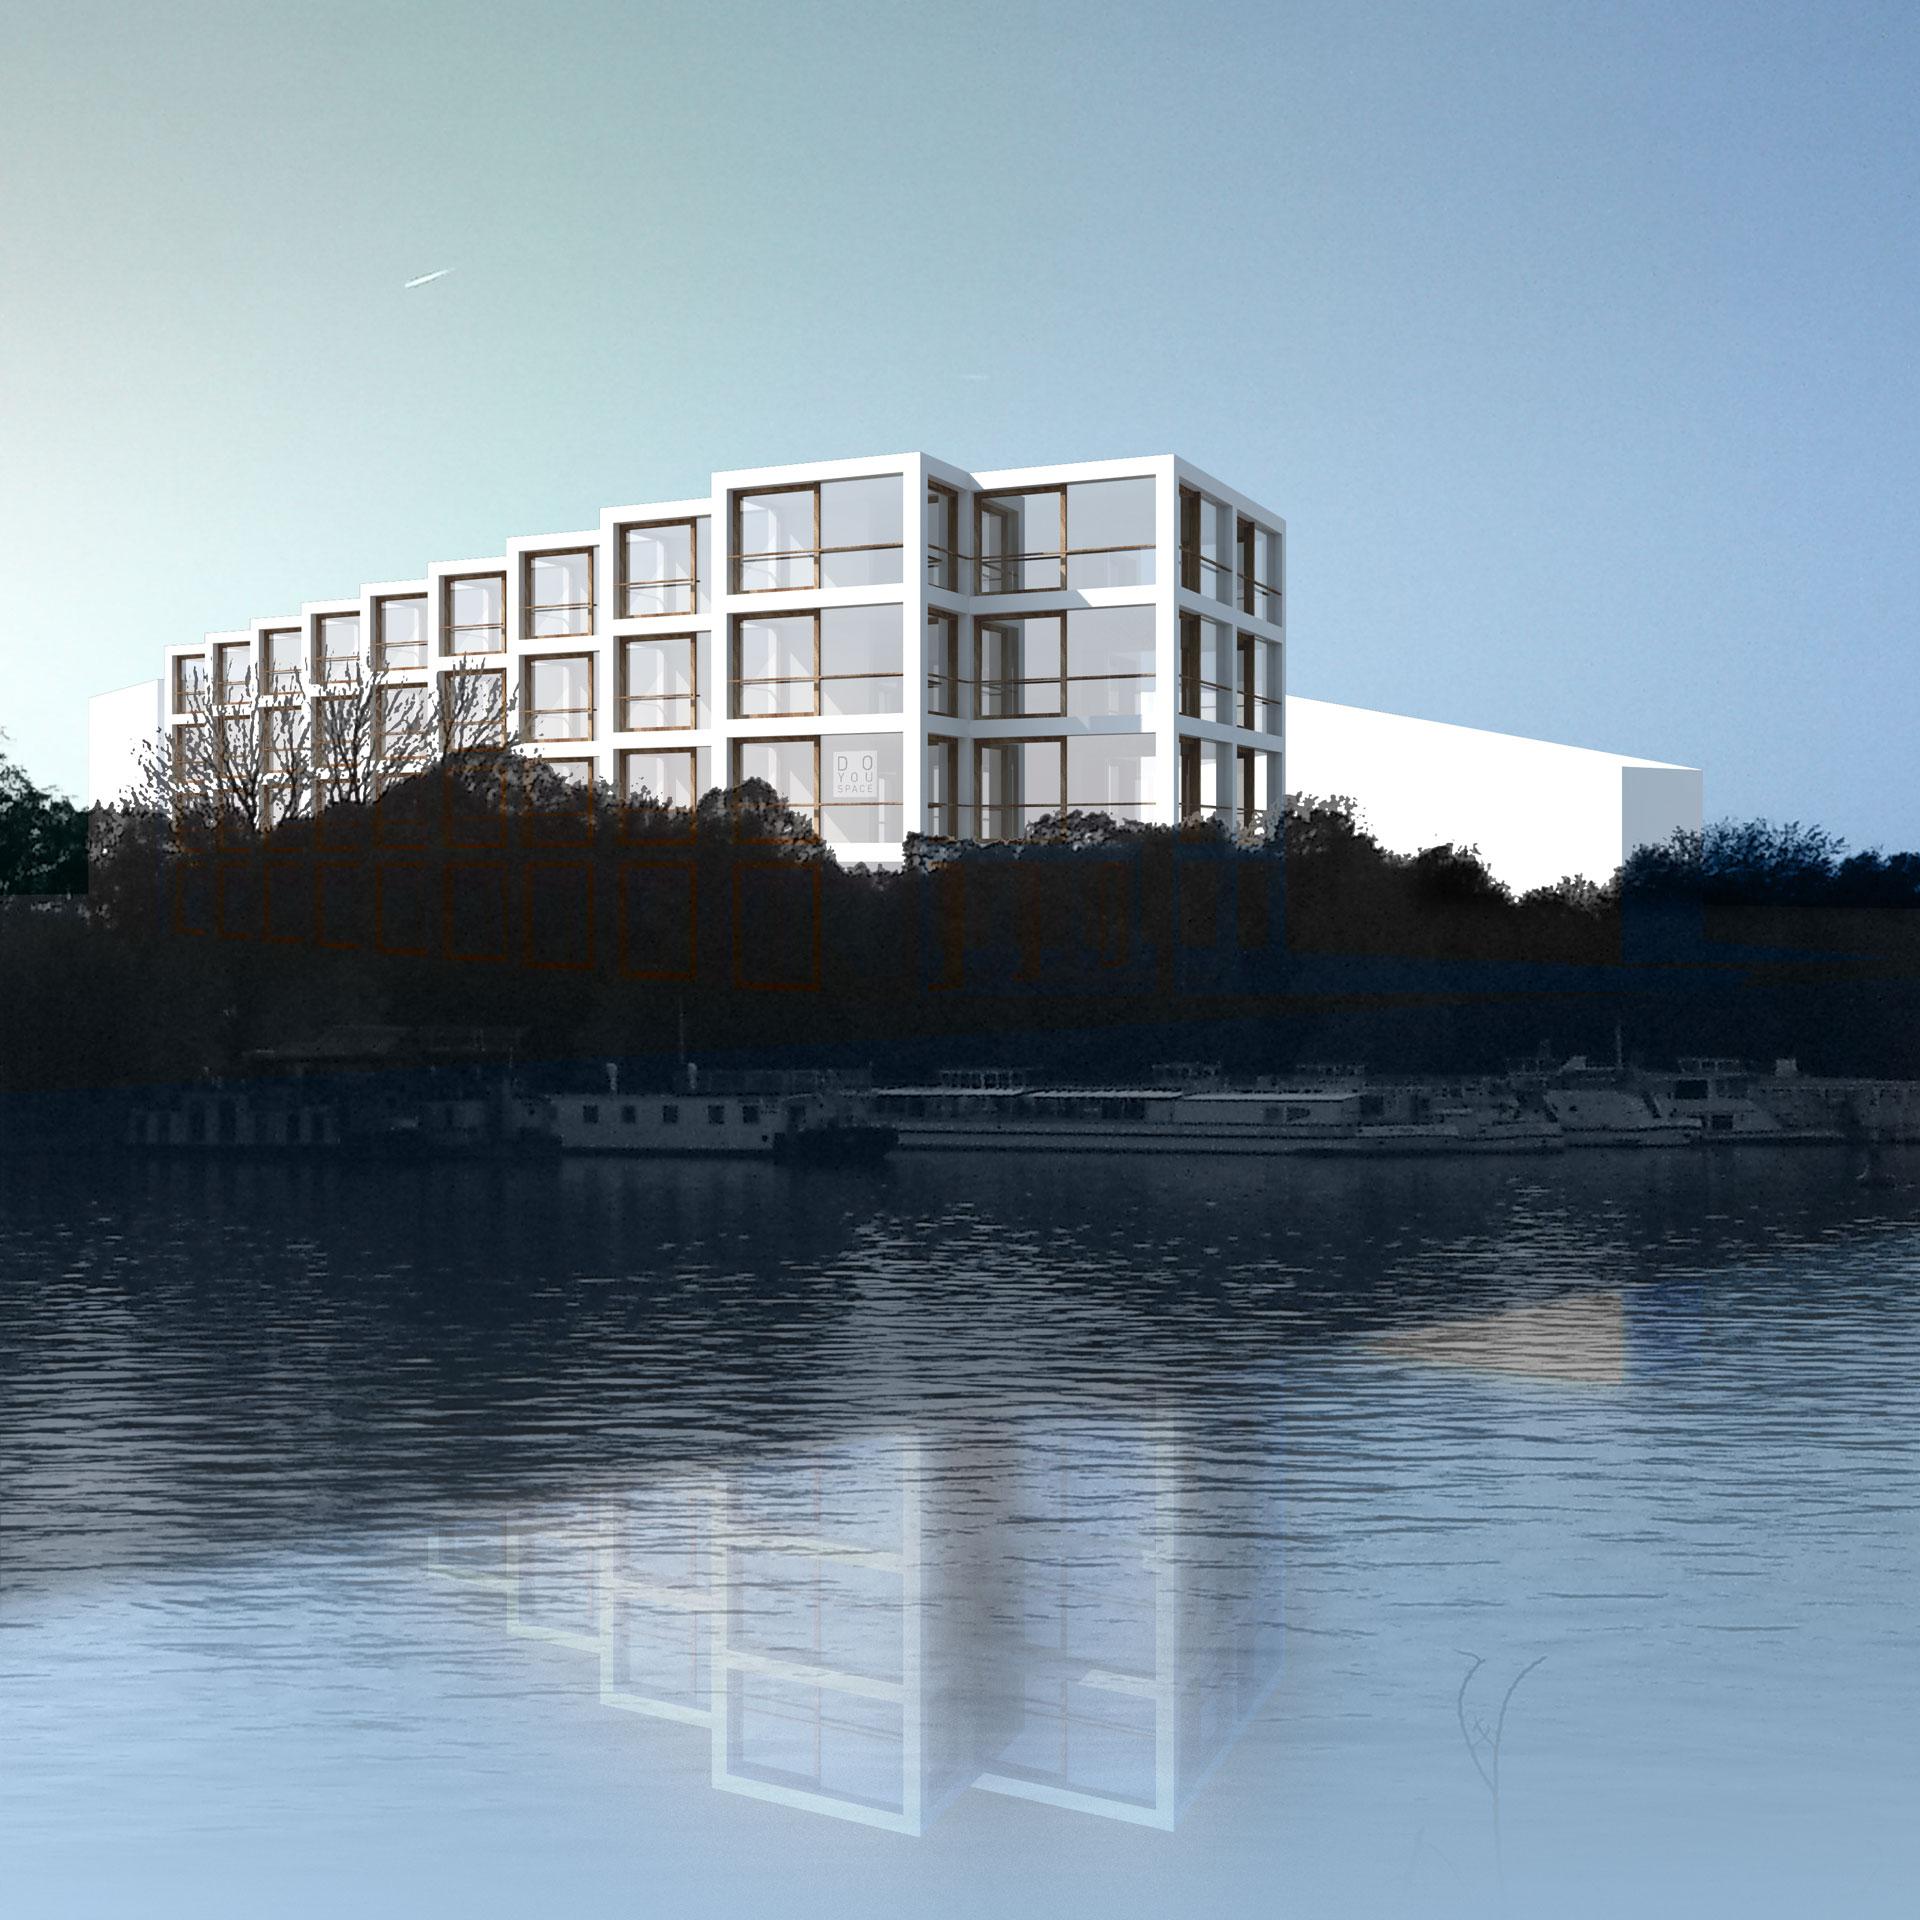 doyouspaceriverside housing on the spree - doyouspace, Innenarchitektur ideen